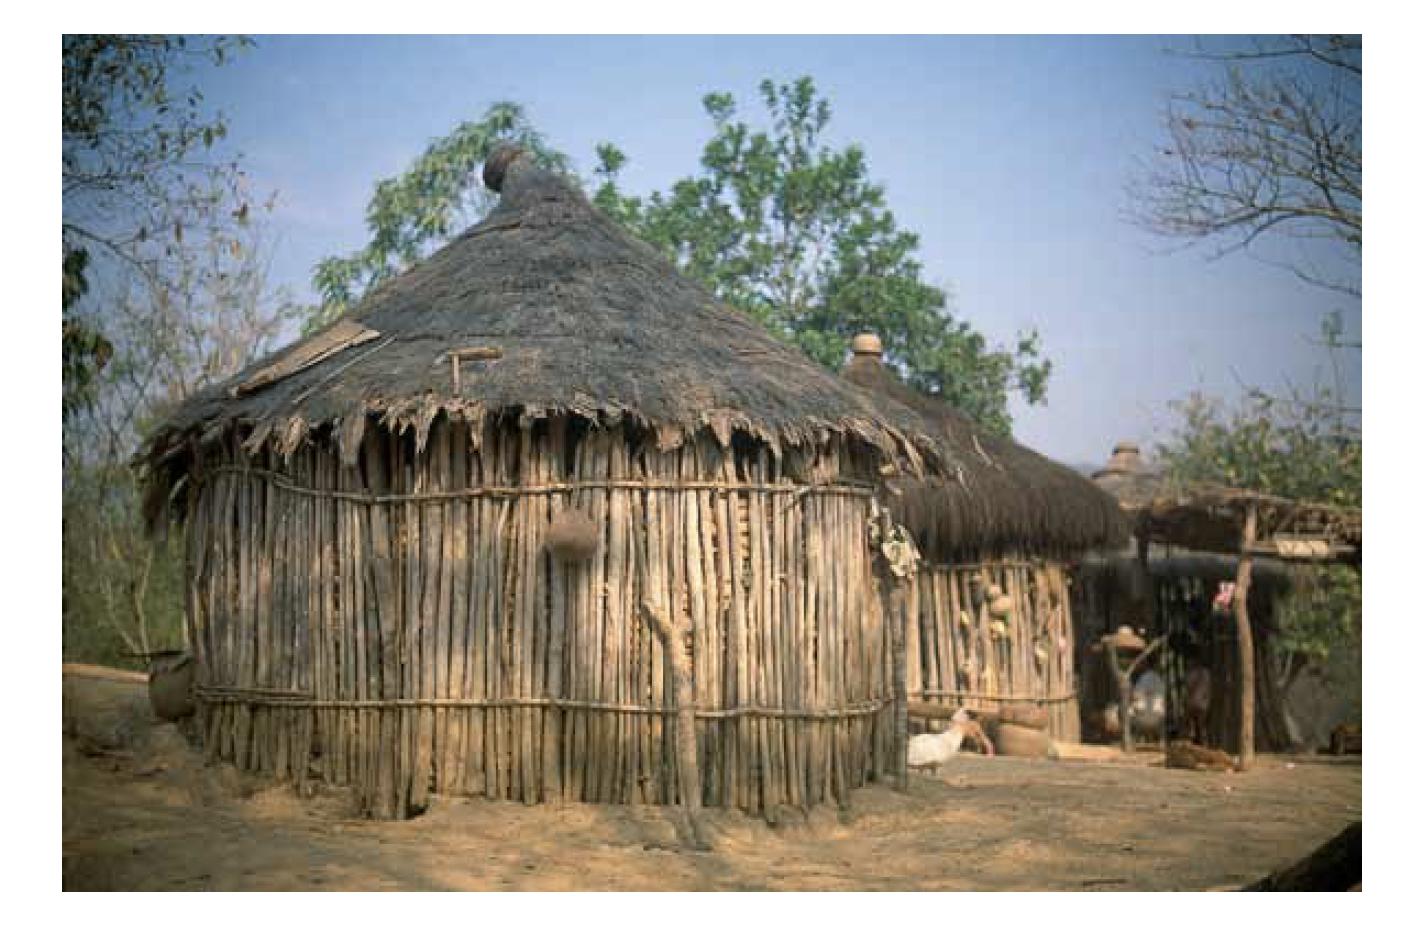 Casa amuzga, en